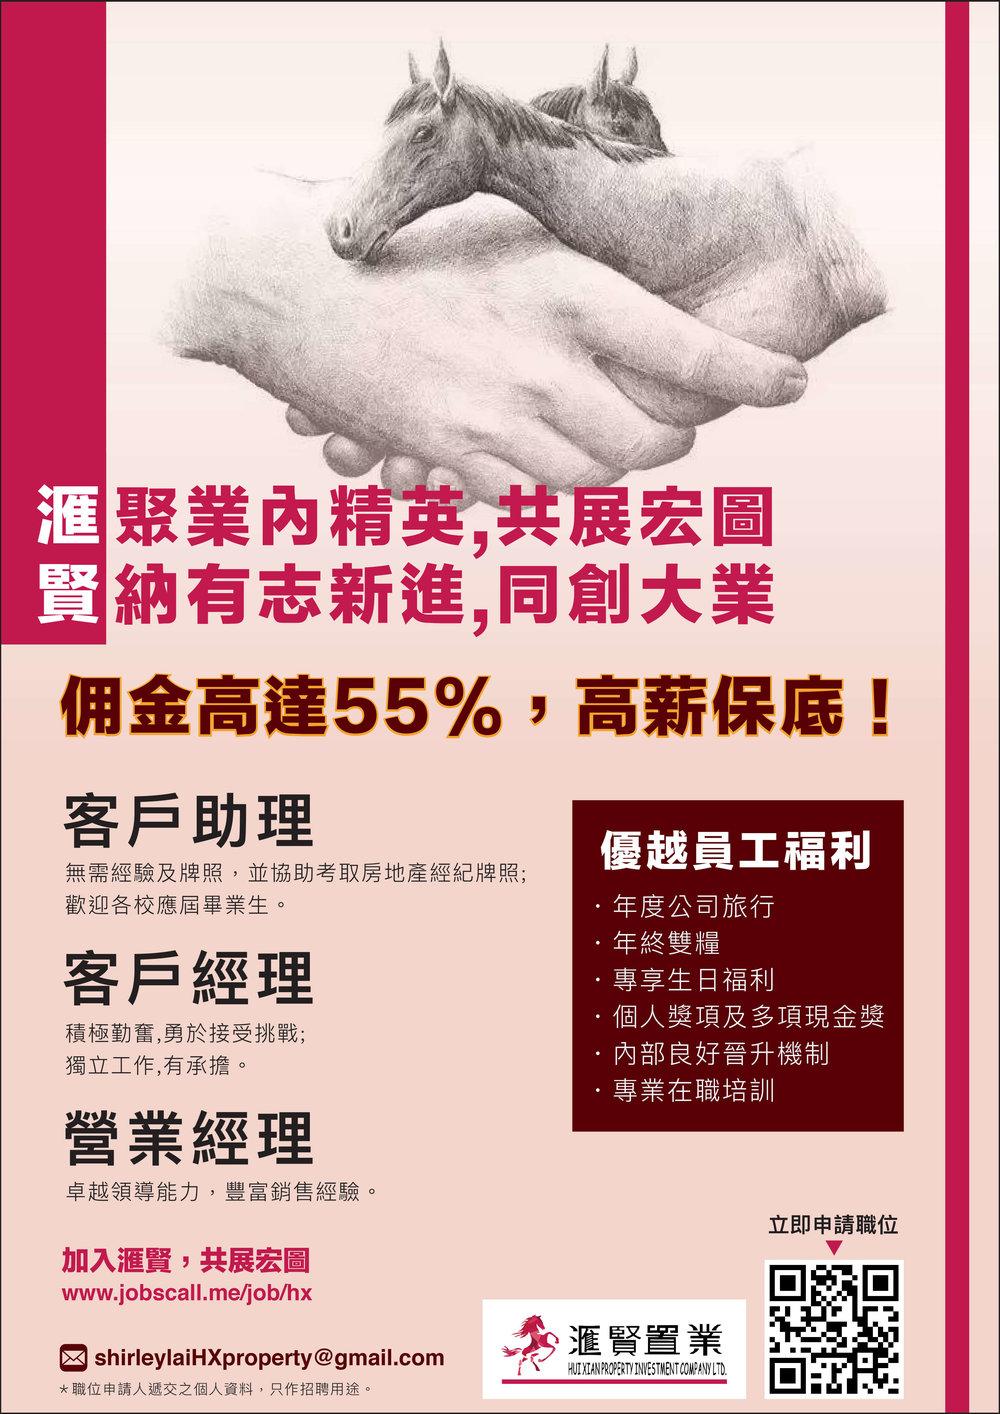 HX Poster-01-2.jpg